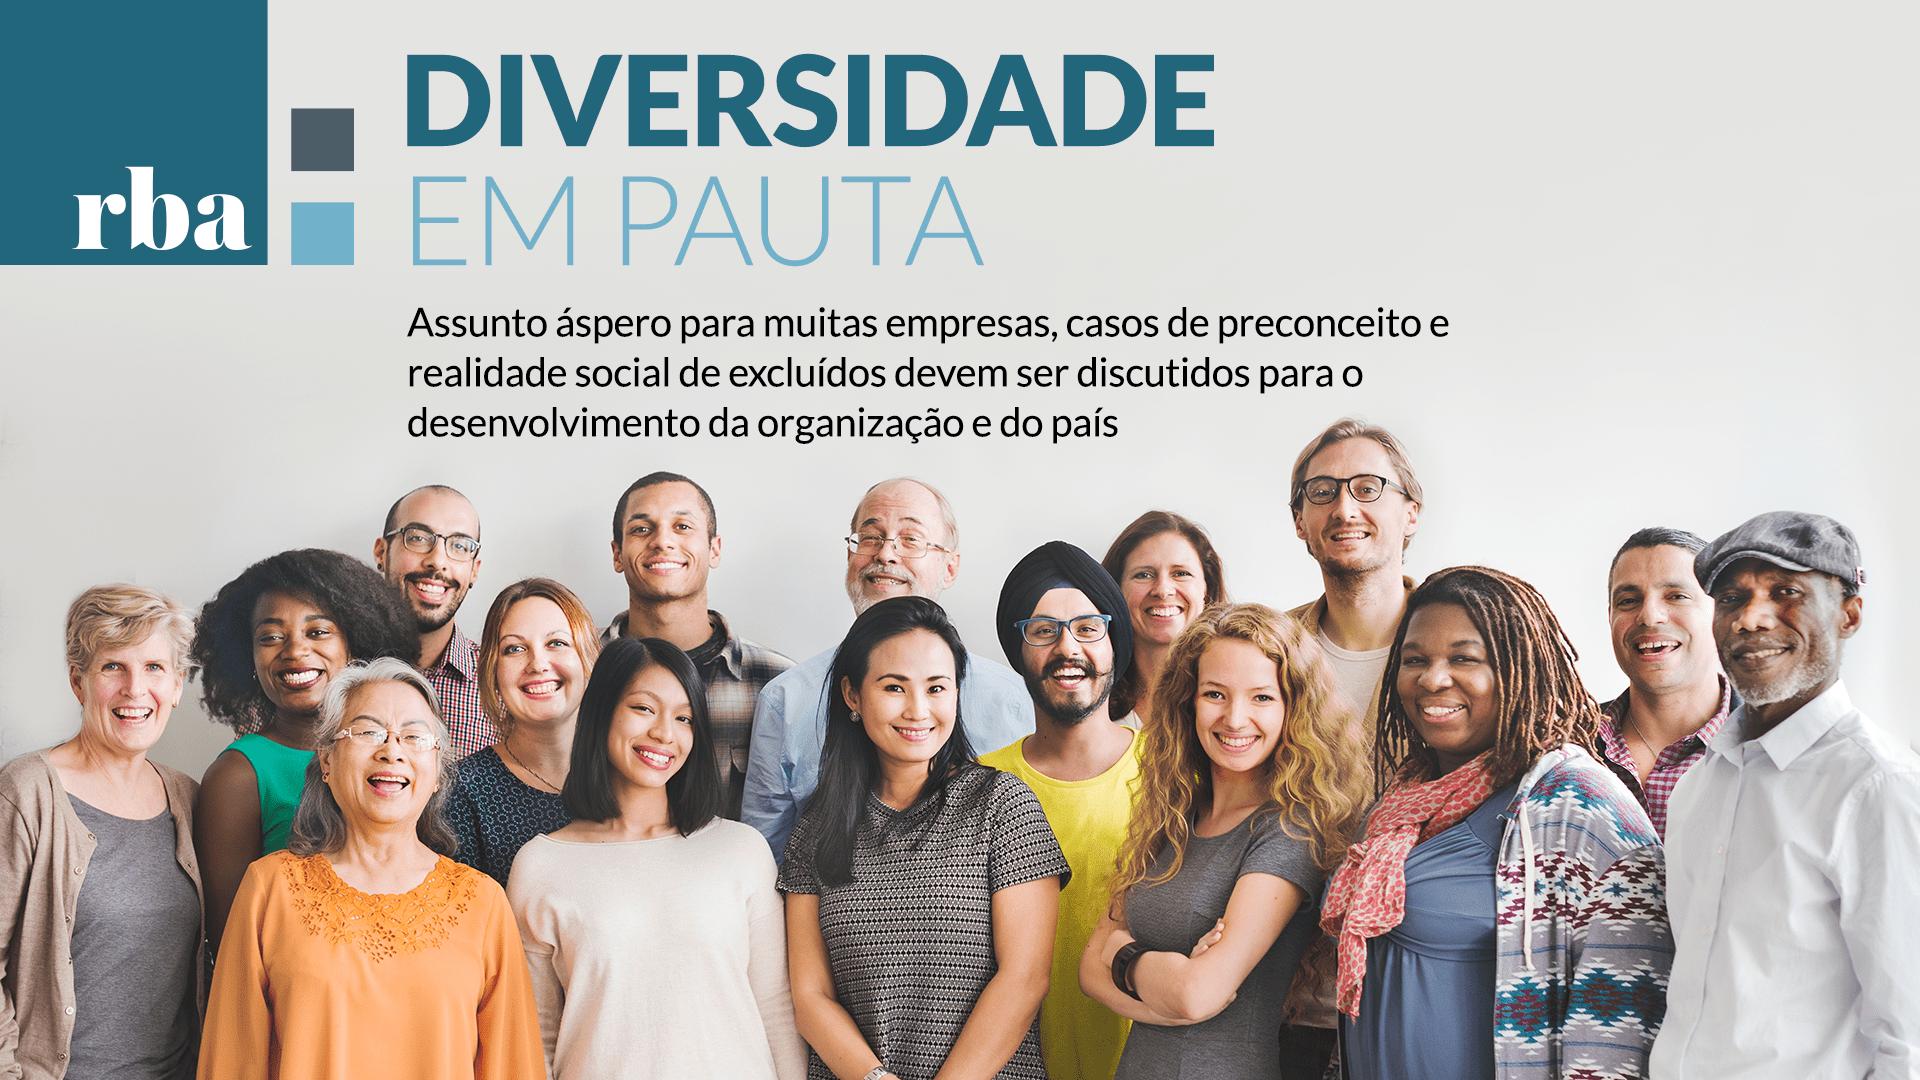 Diversidade é tendência para futuro e traz benefícios à empresa